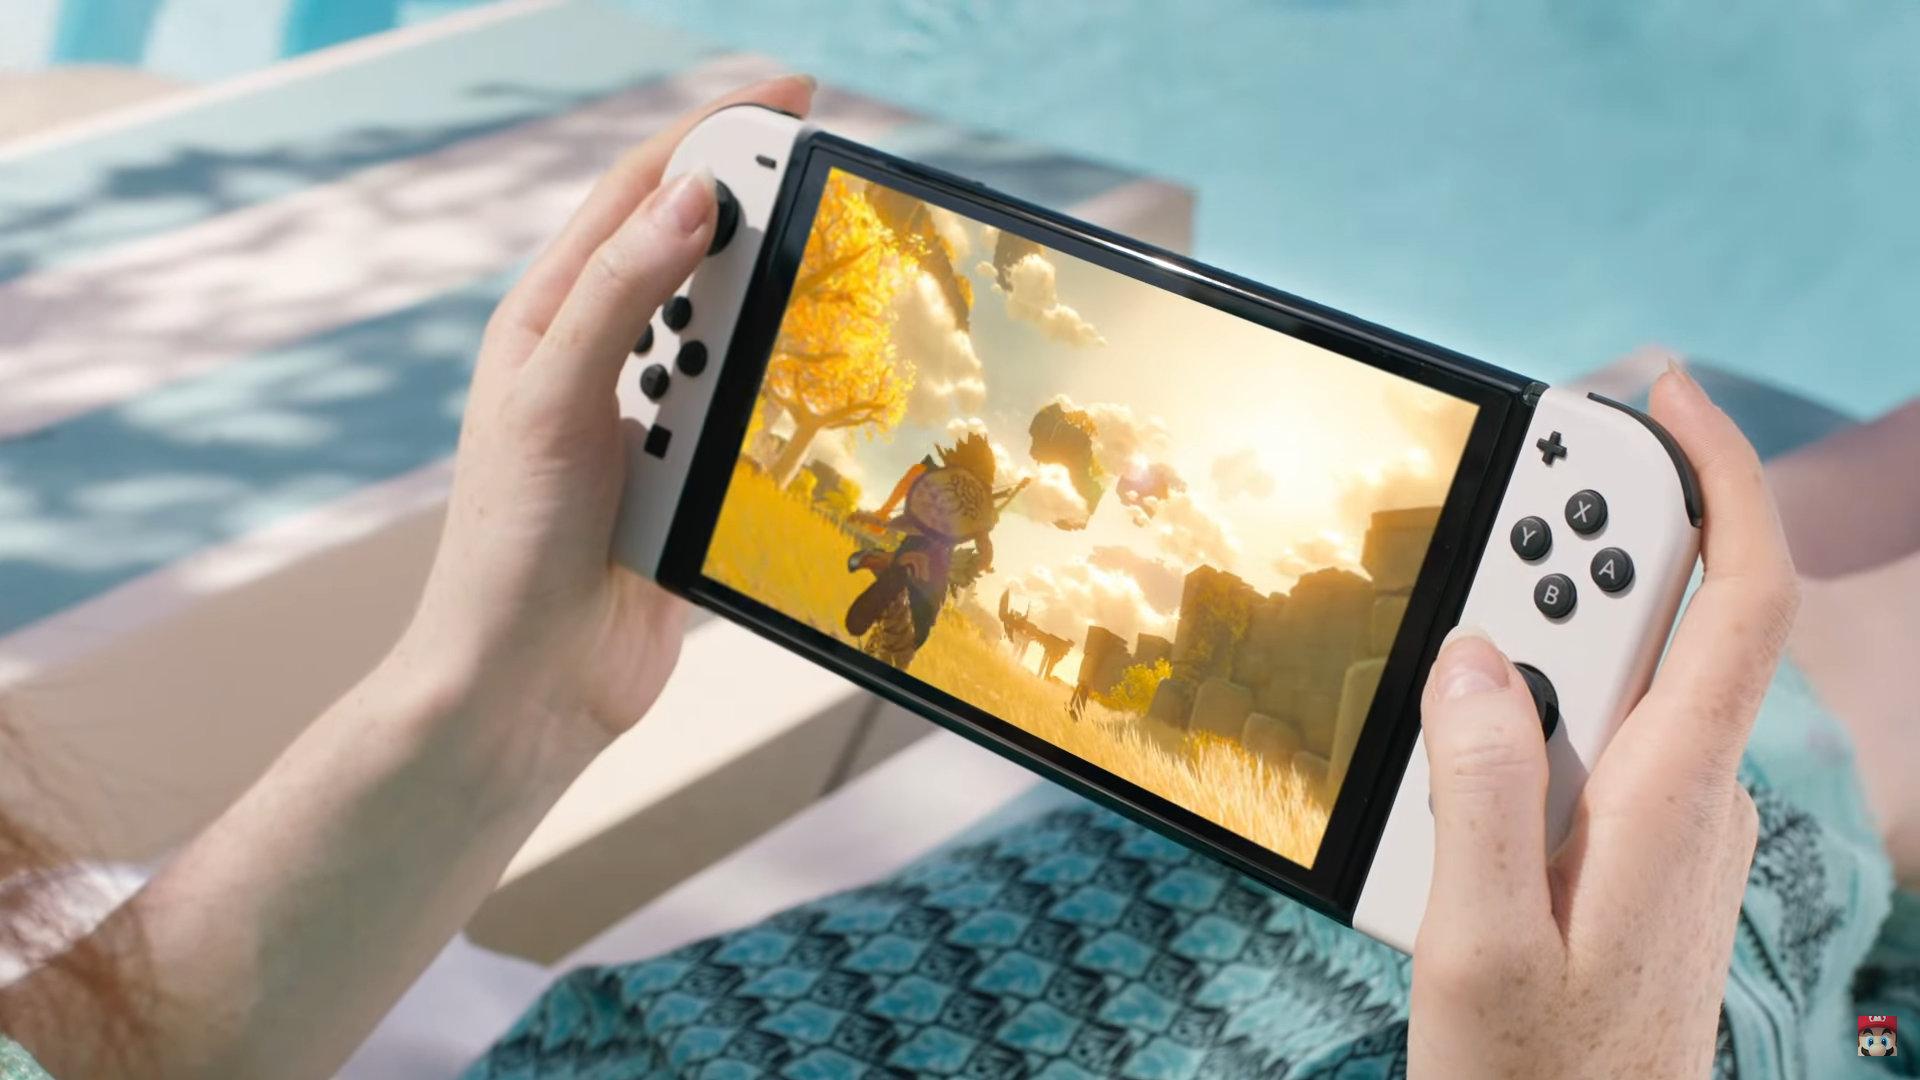 Nintendo_Switch_OLED_Model_Gaming_PCs